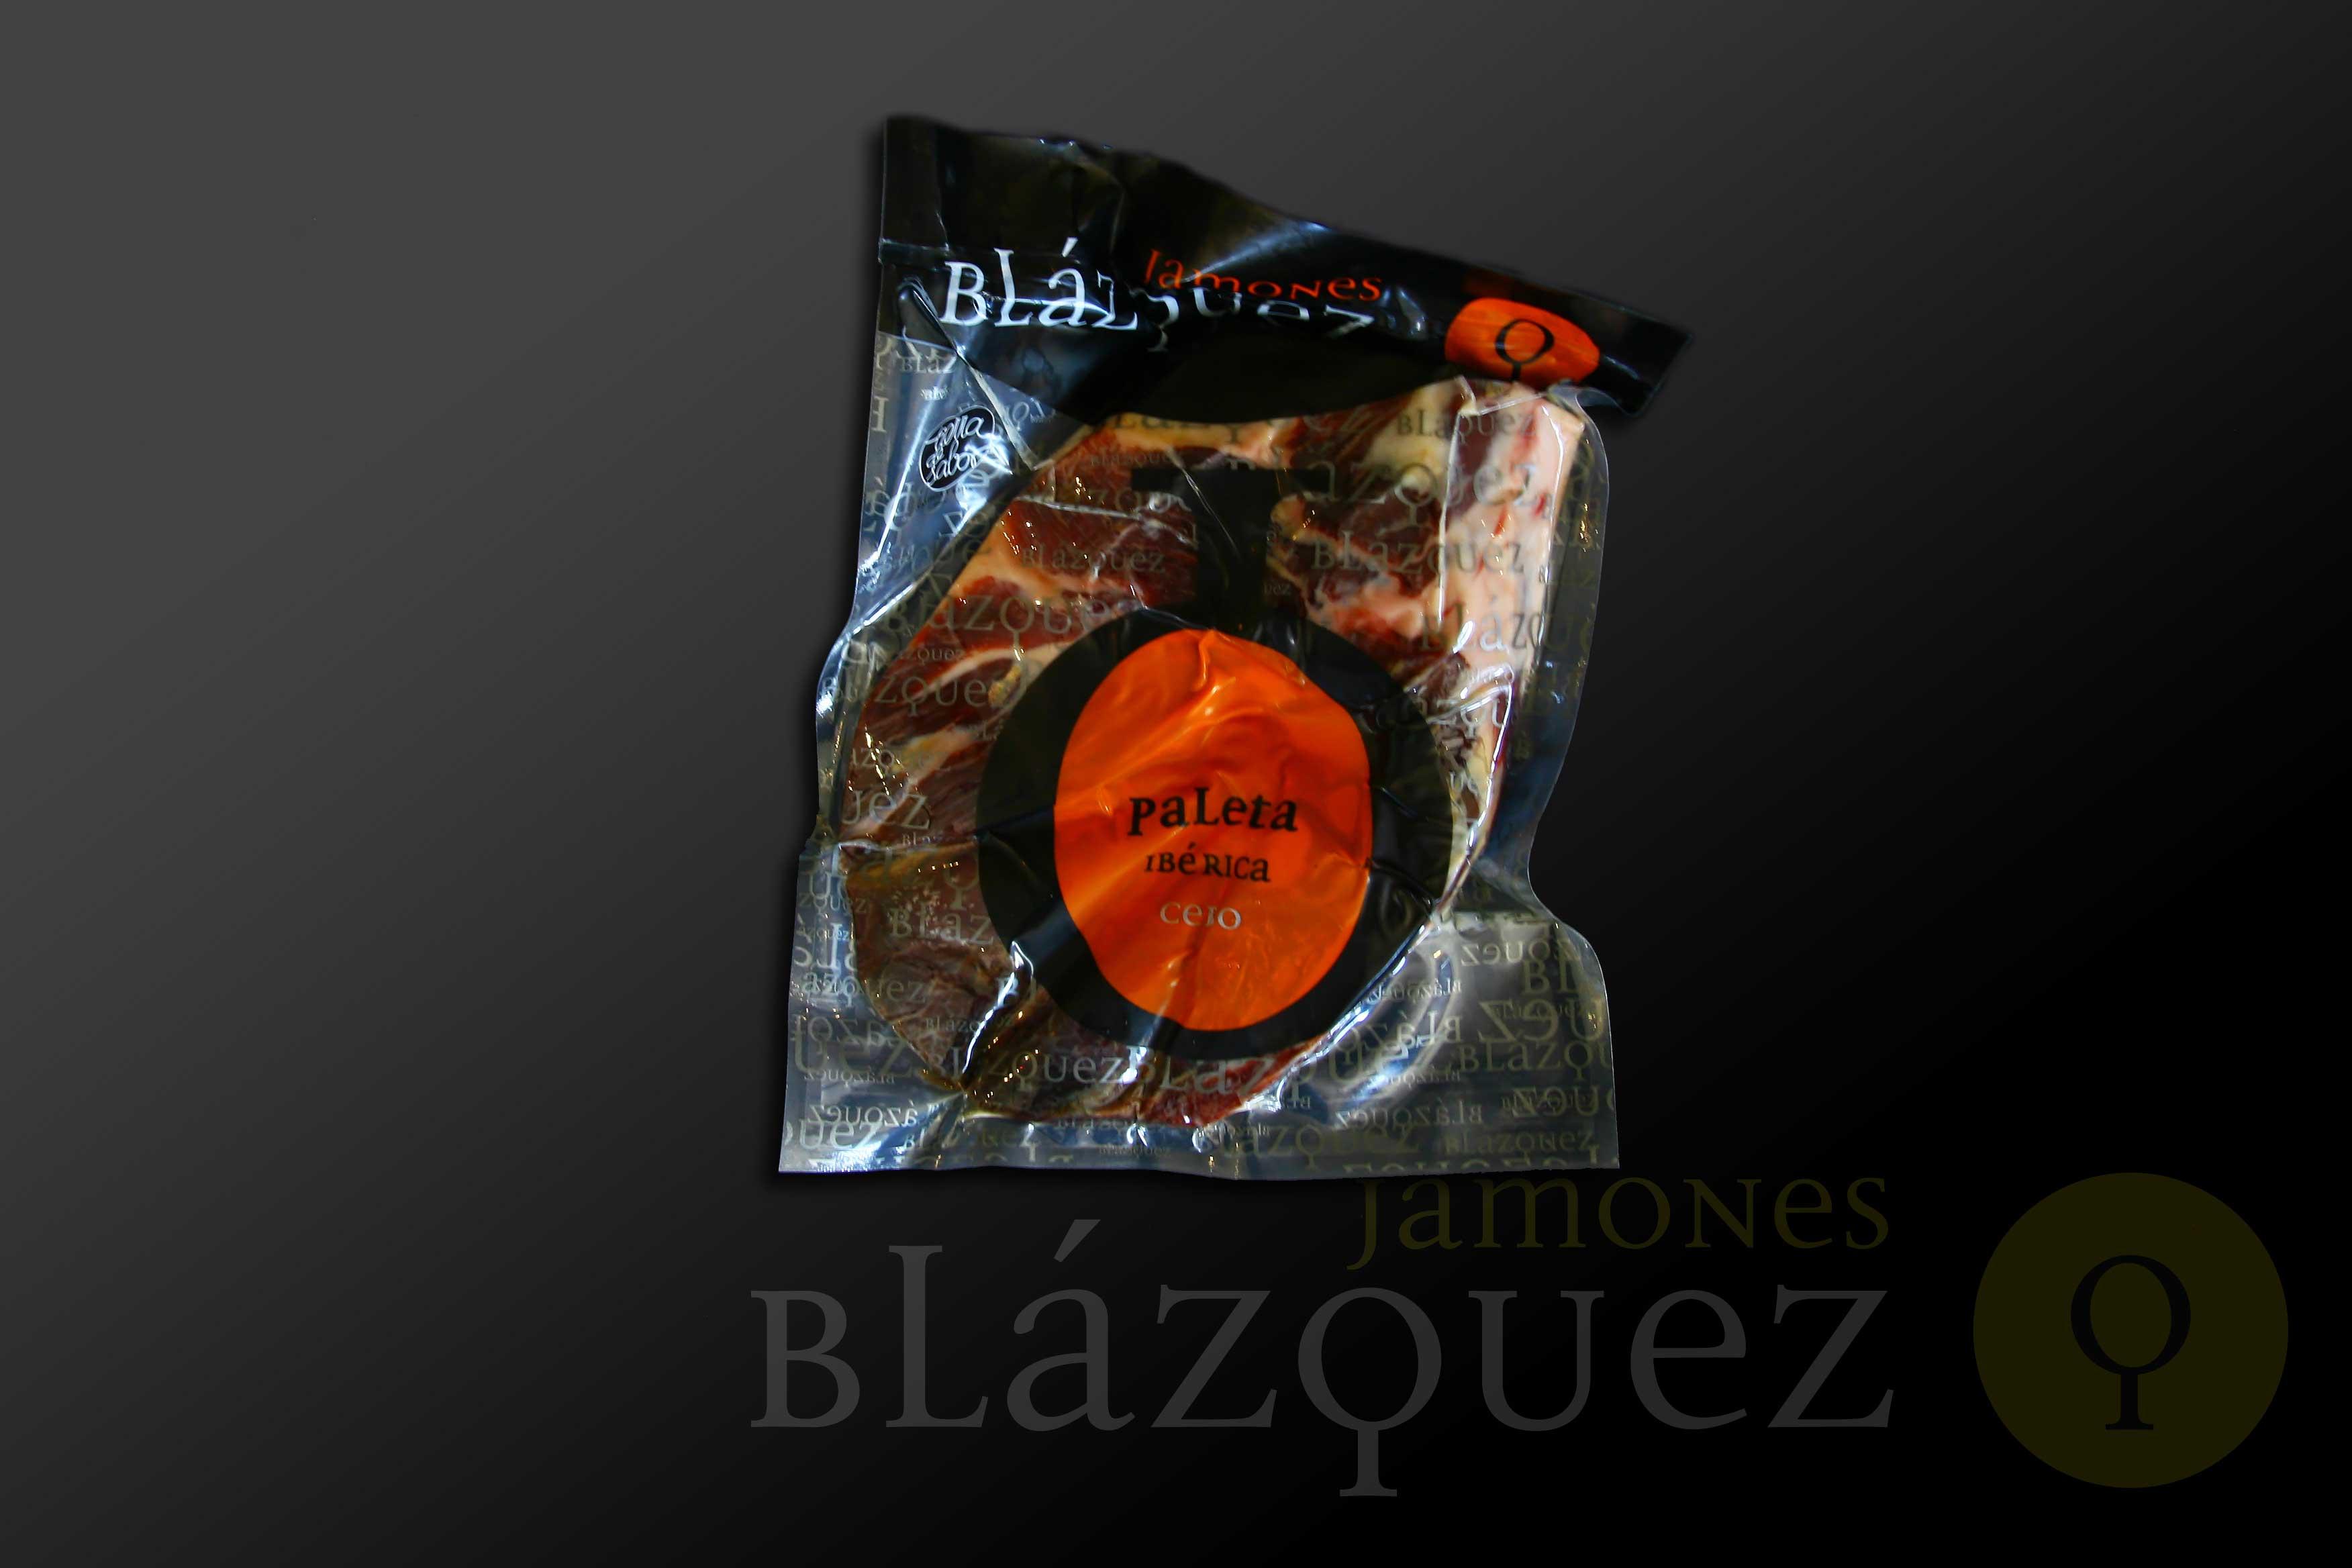 Comprar Paleta Ibérica Cebo Deshuesada Blázquez. Elaborada de manera artesanal y curada en bodega, mínimo 24 meses. Producto Gourmet. Delicatessen Artesanal de Salamanca.